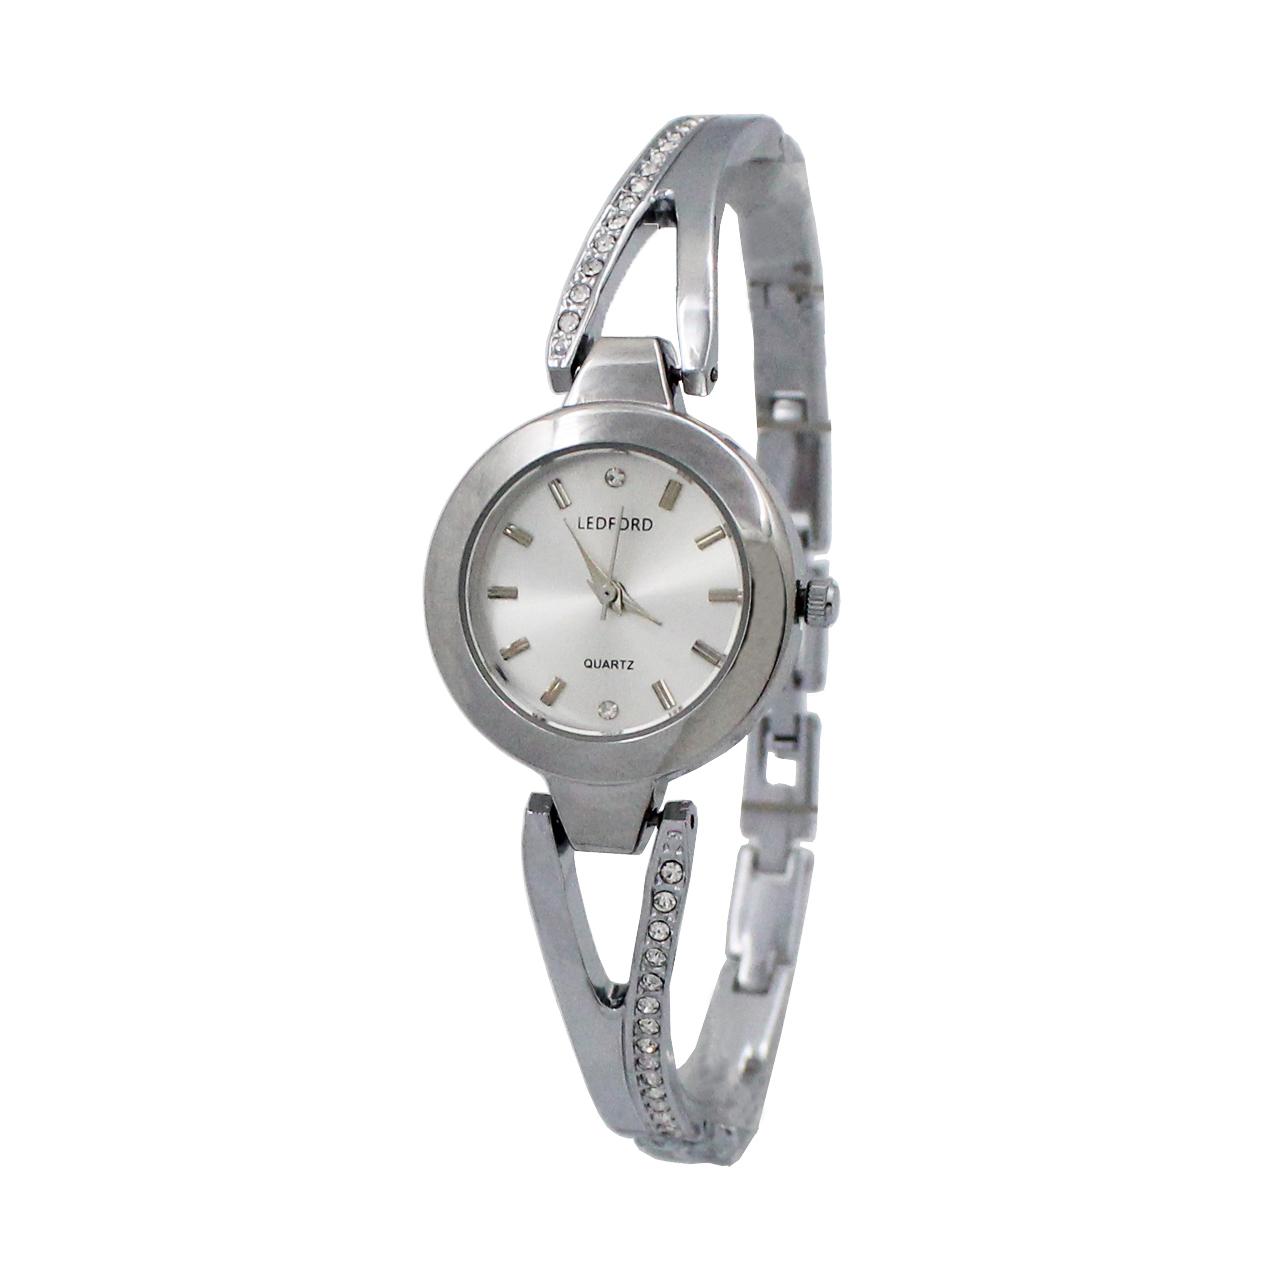 ساعت مچی عقربه ای زنانه لدفورد مدل DGZU-0165 36